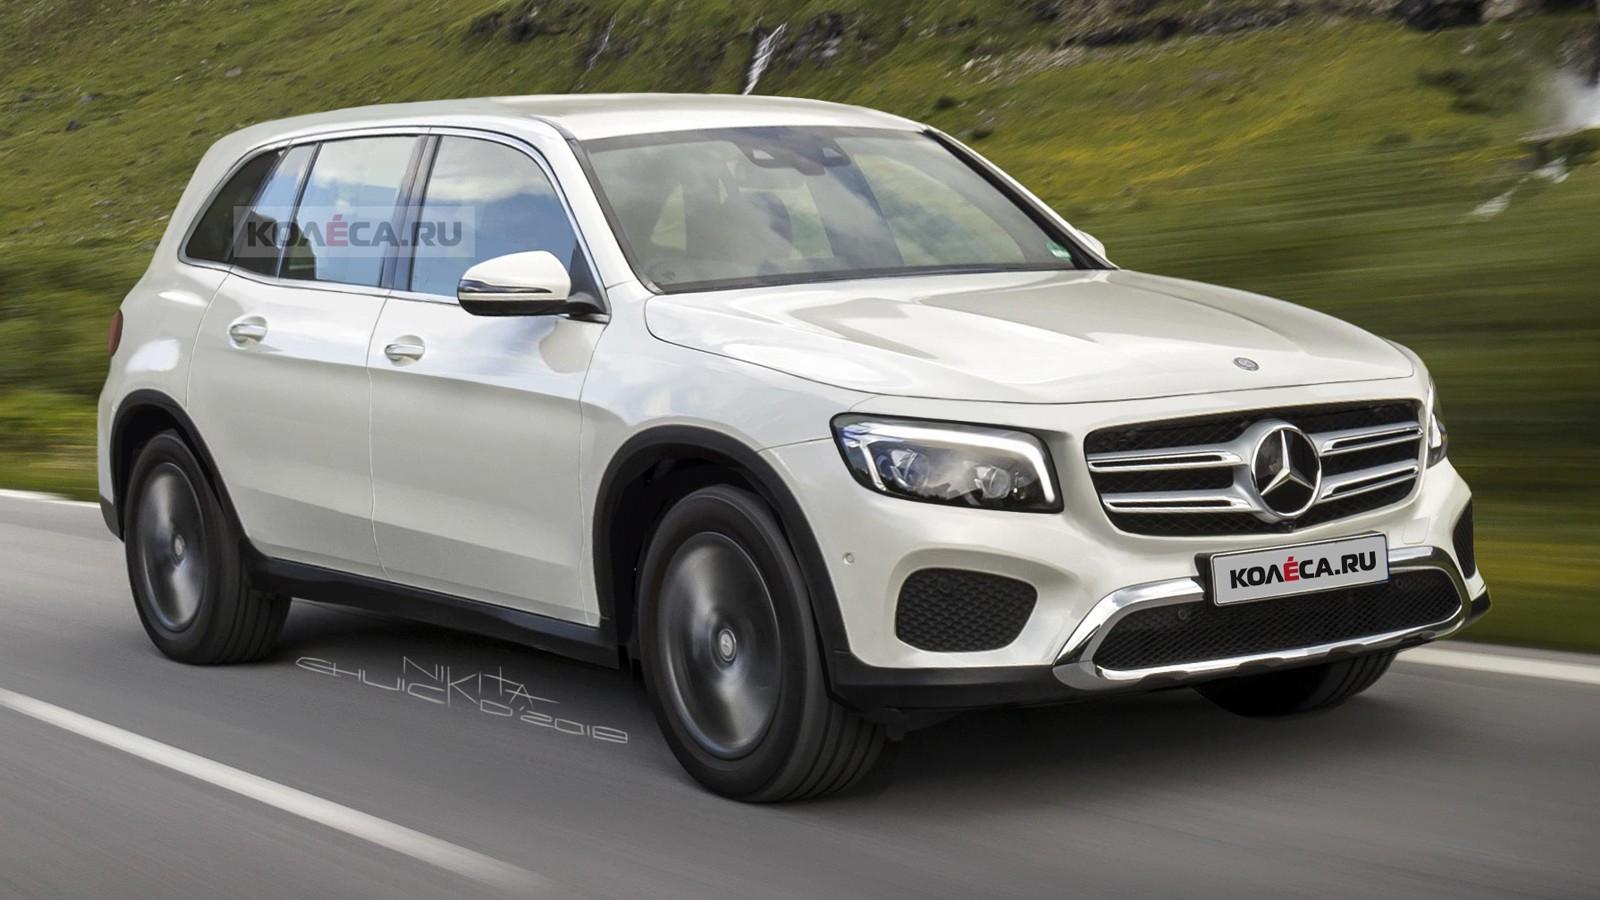 Mercedes-Benz GLB (рендер Kolesa.ru)